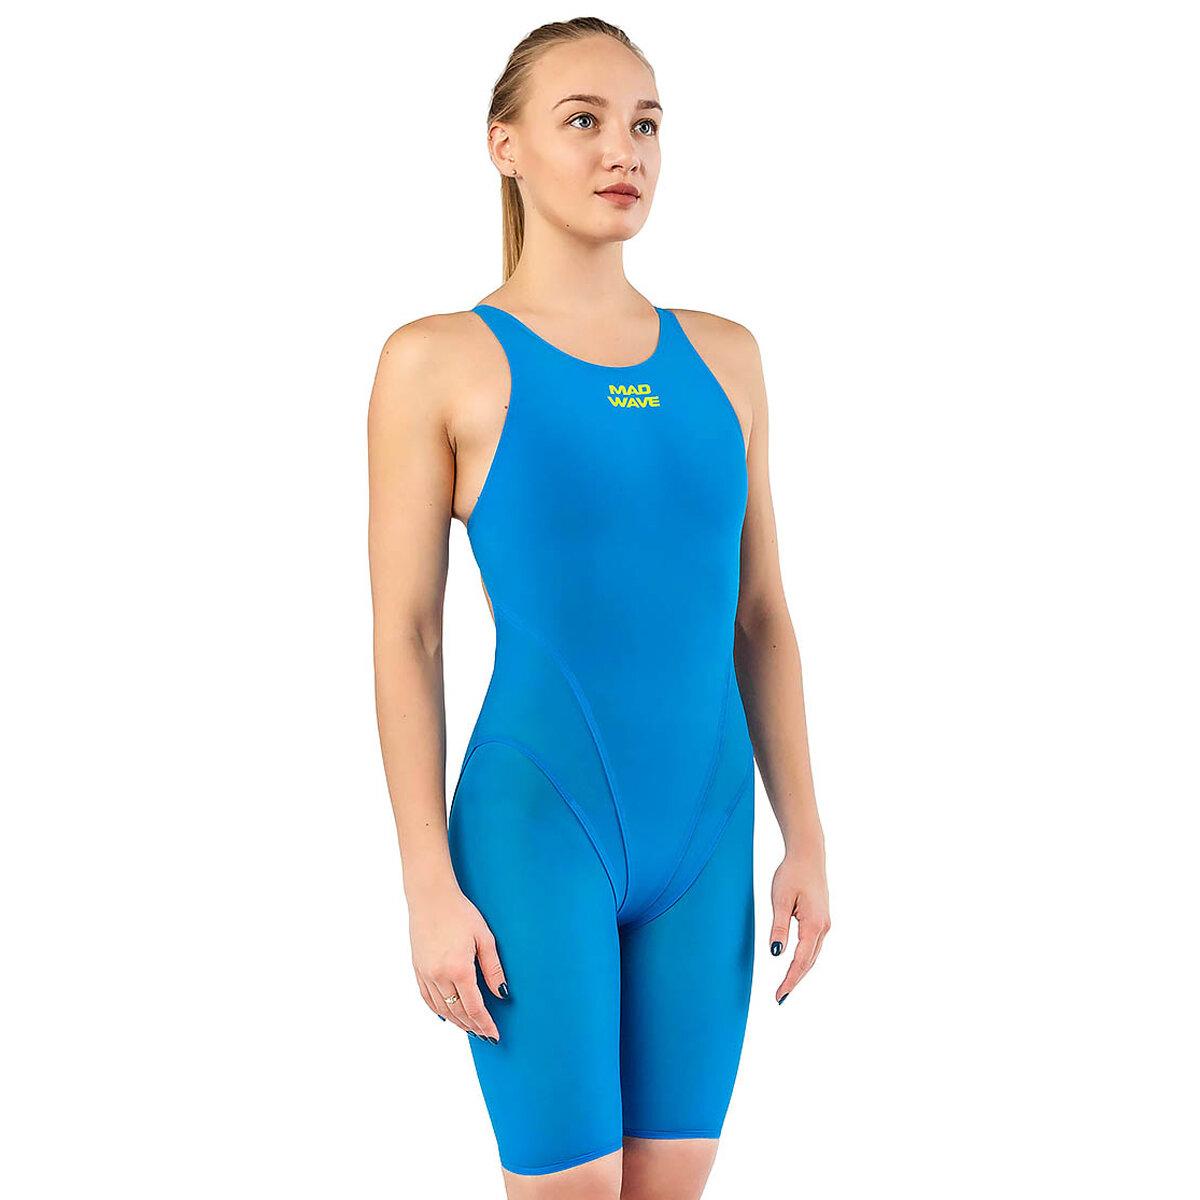 Женский гидрокостюм с открытой спиной Mad Wave Bodyshell